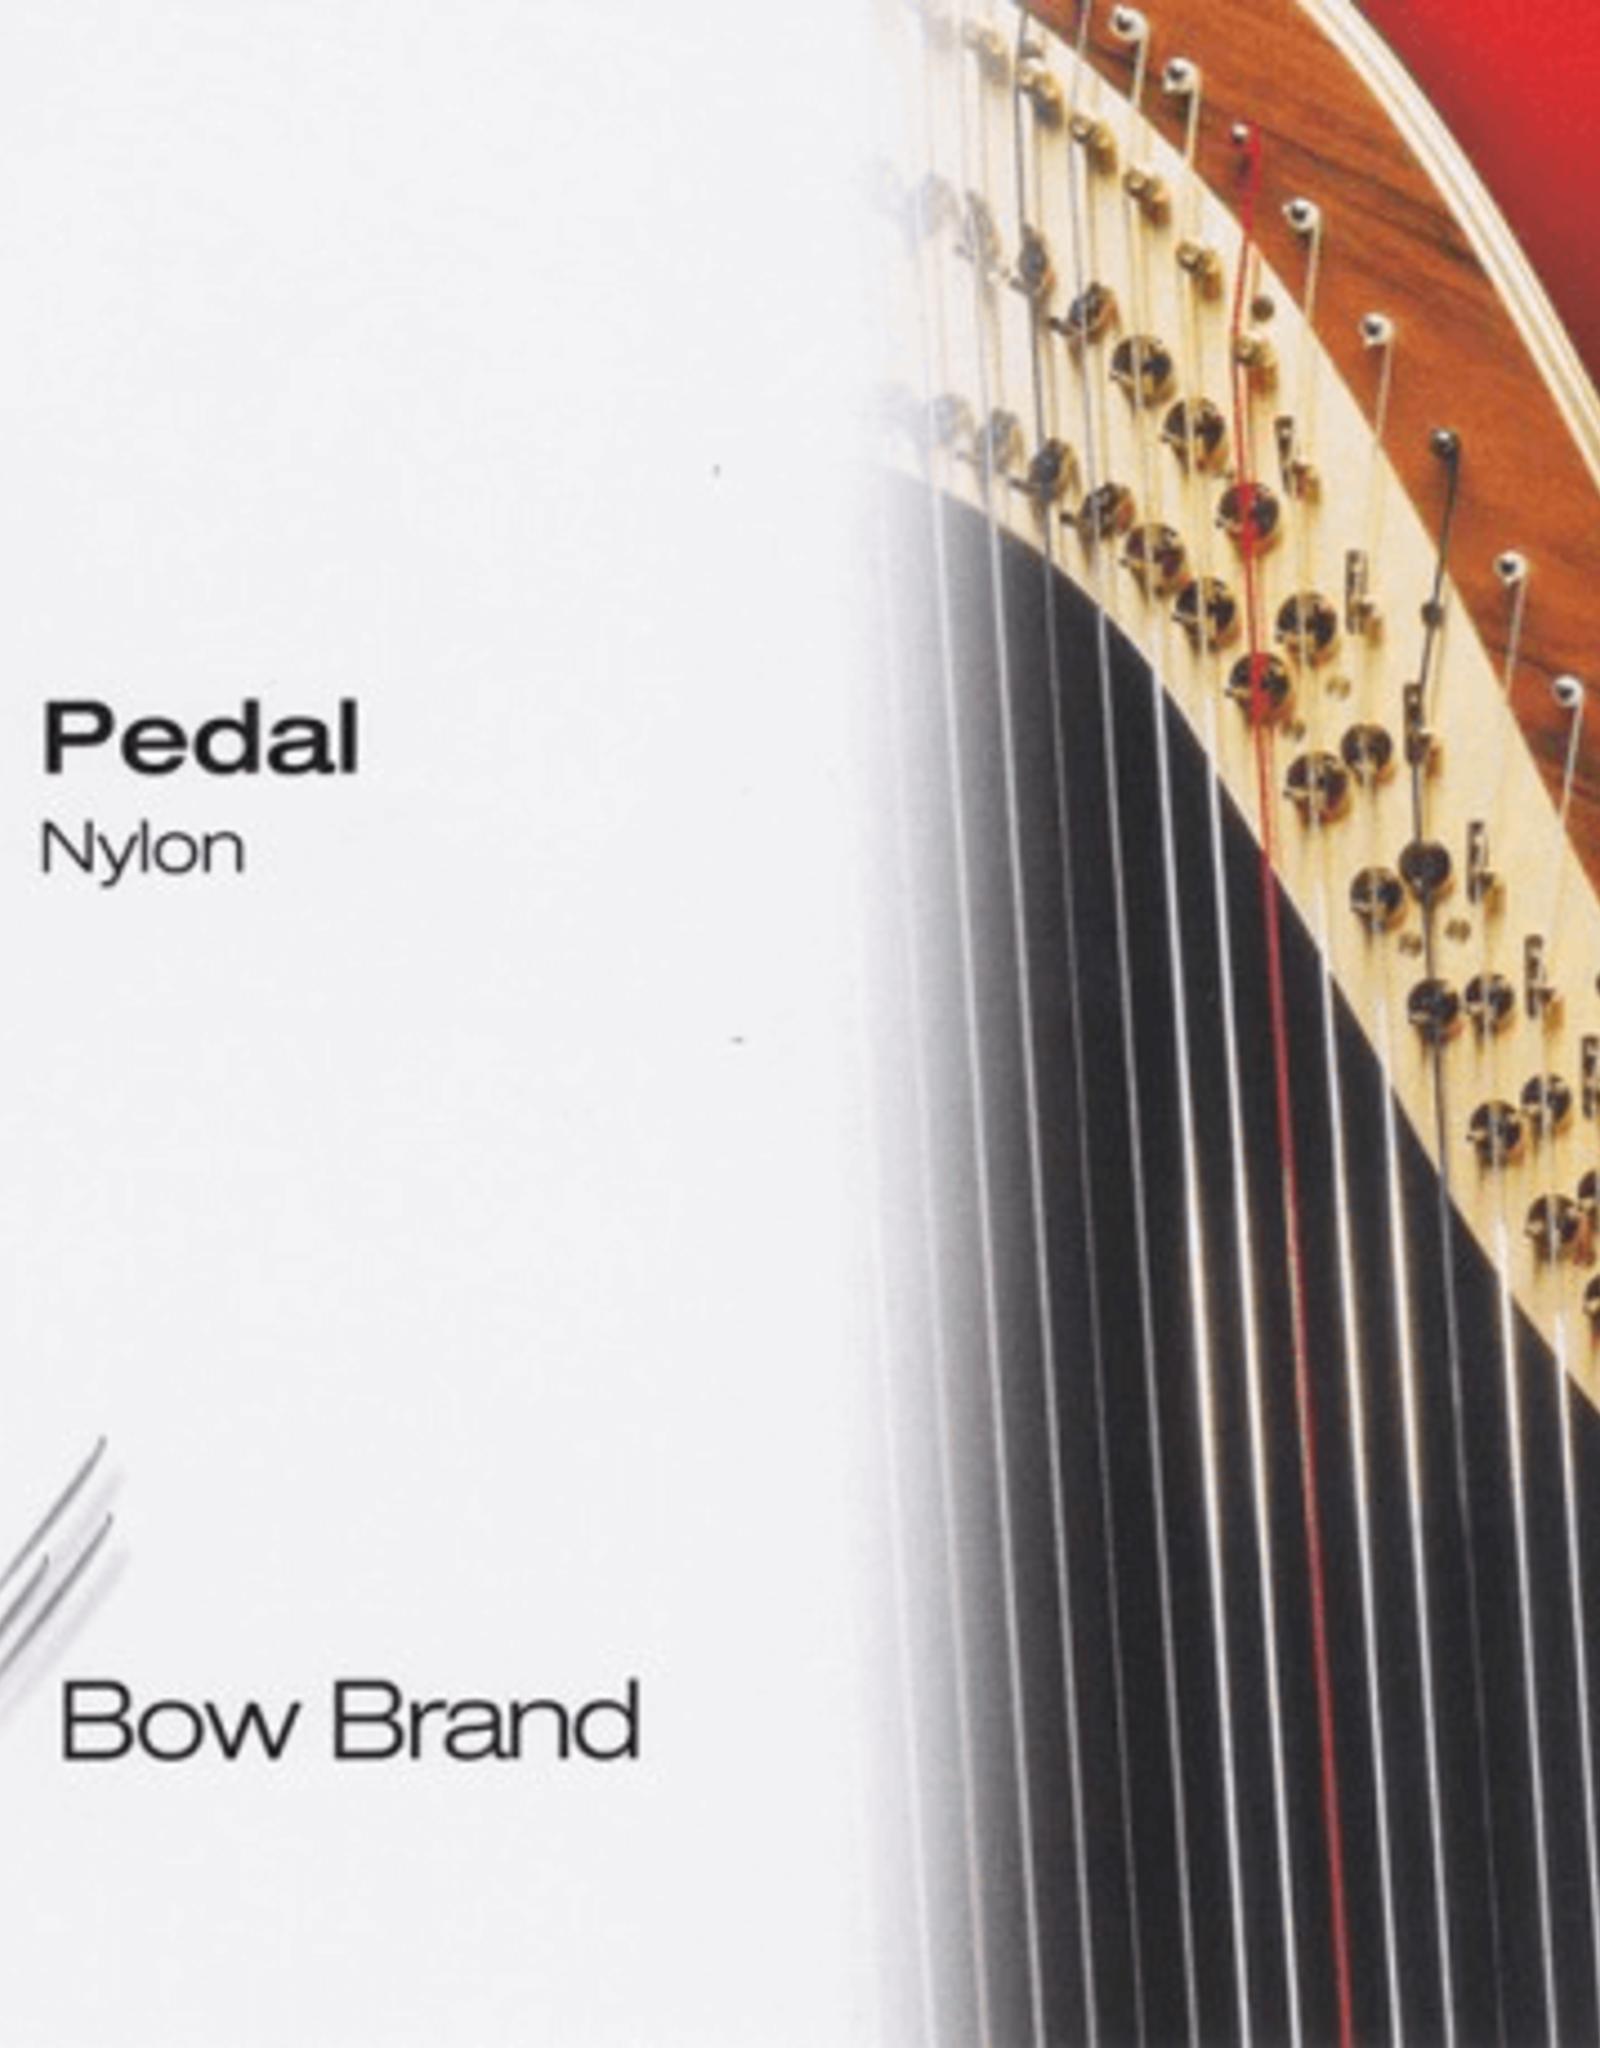 BOW BRAND  pedaal nylon - pedal NYLON 3/1 do